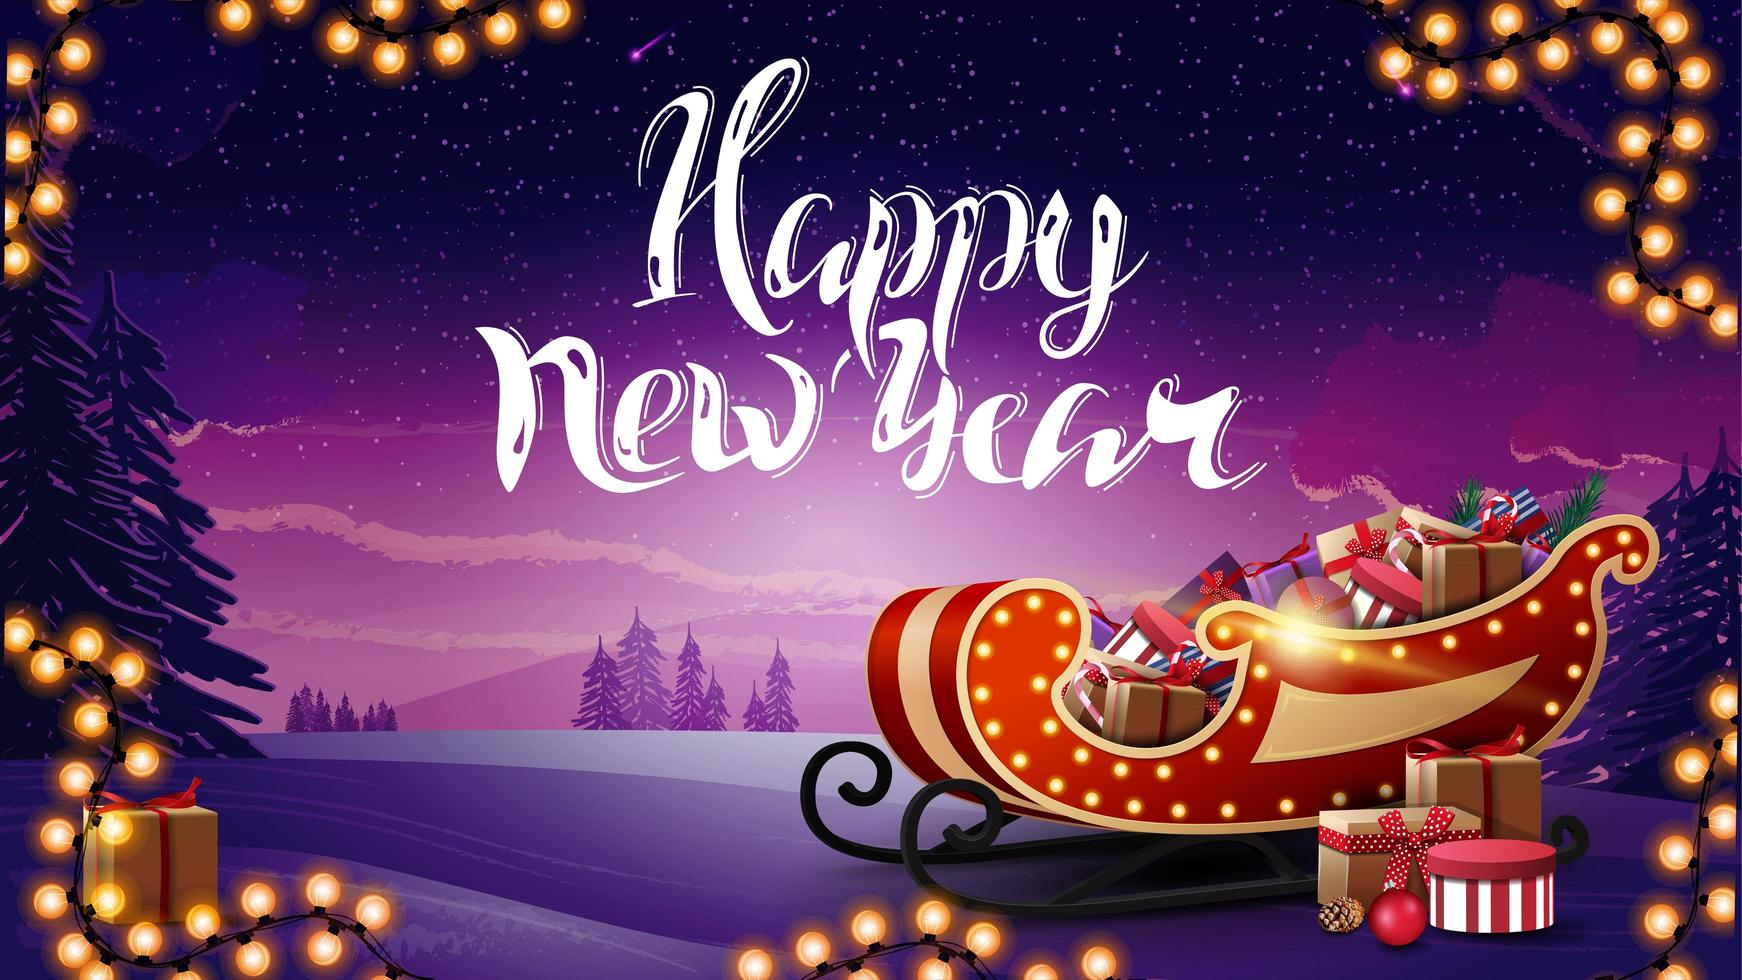 feliz año nuevo, hermosa postal con paisaje invernal, guirnalda y trineo de santa con regalos vector